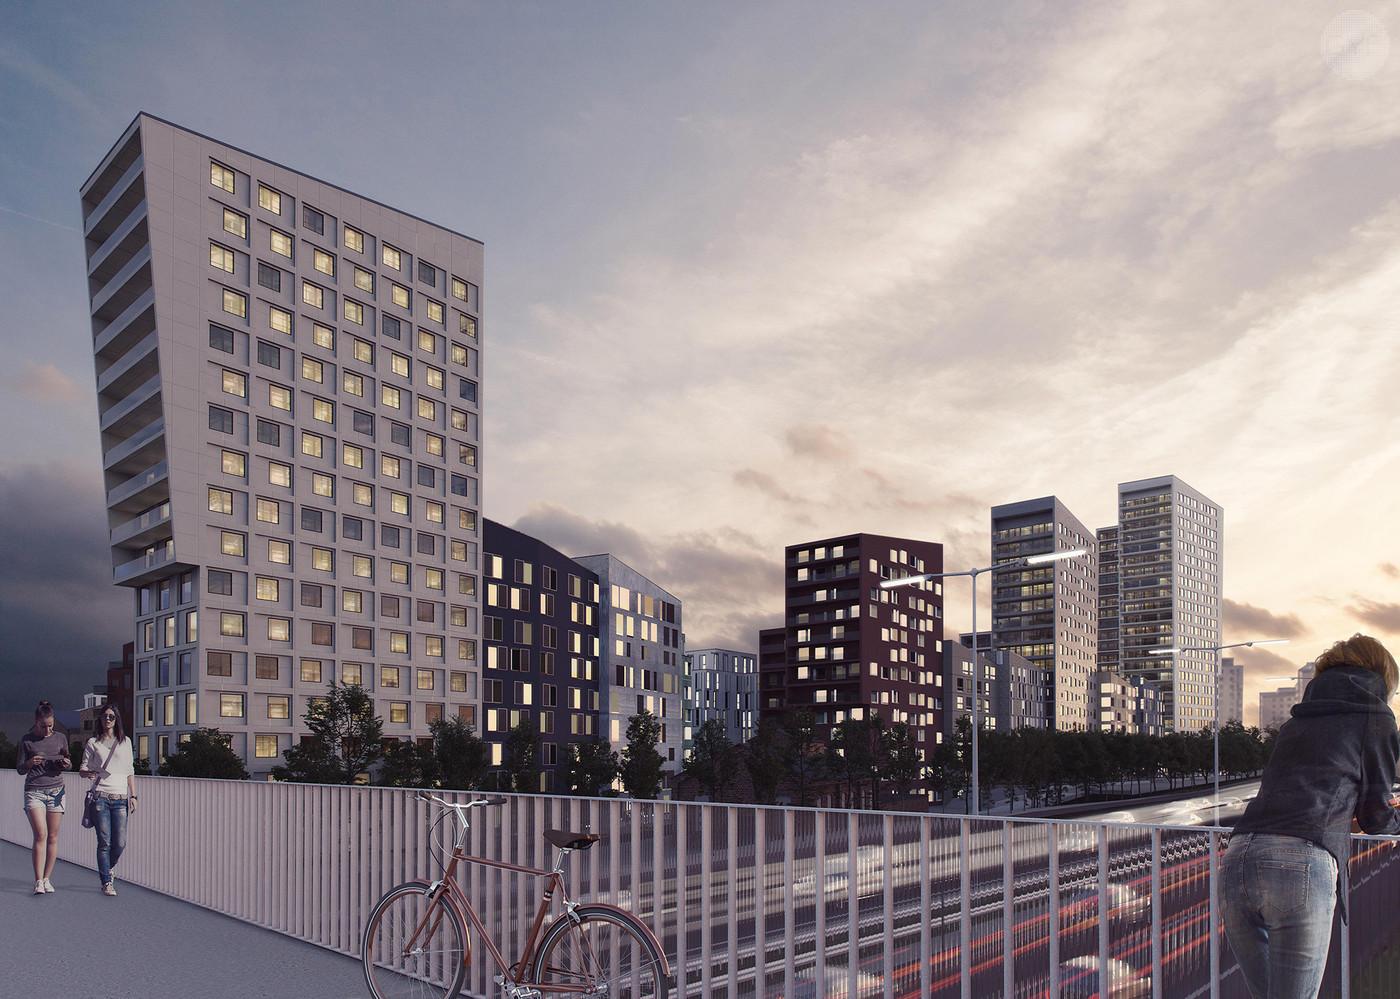 Housing neighbourhood Kopparlunden